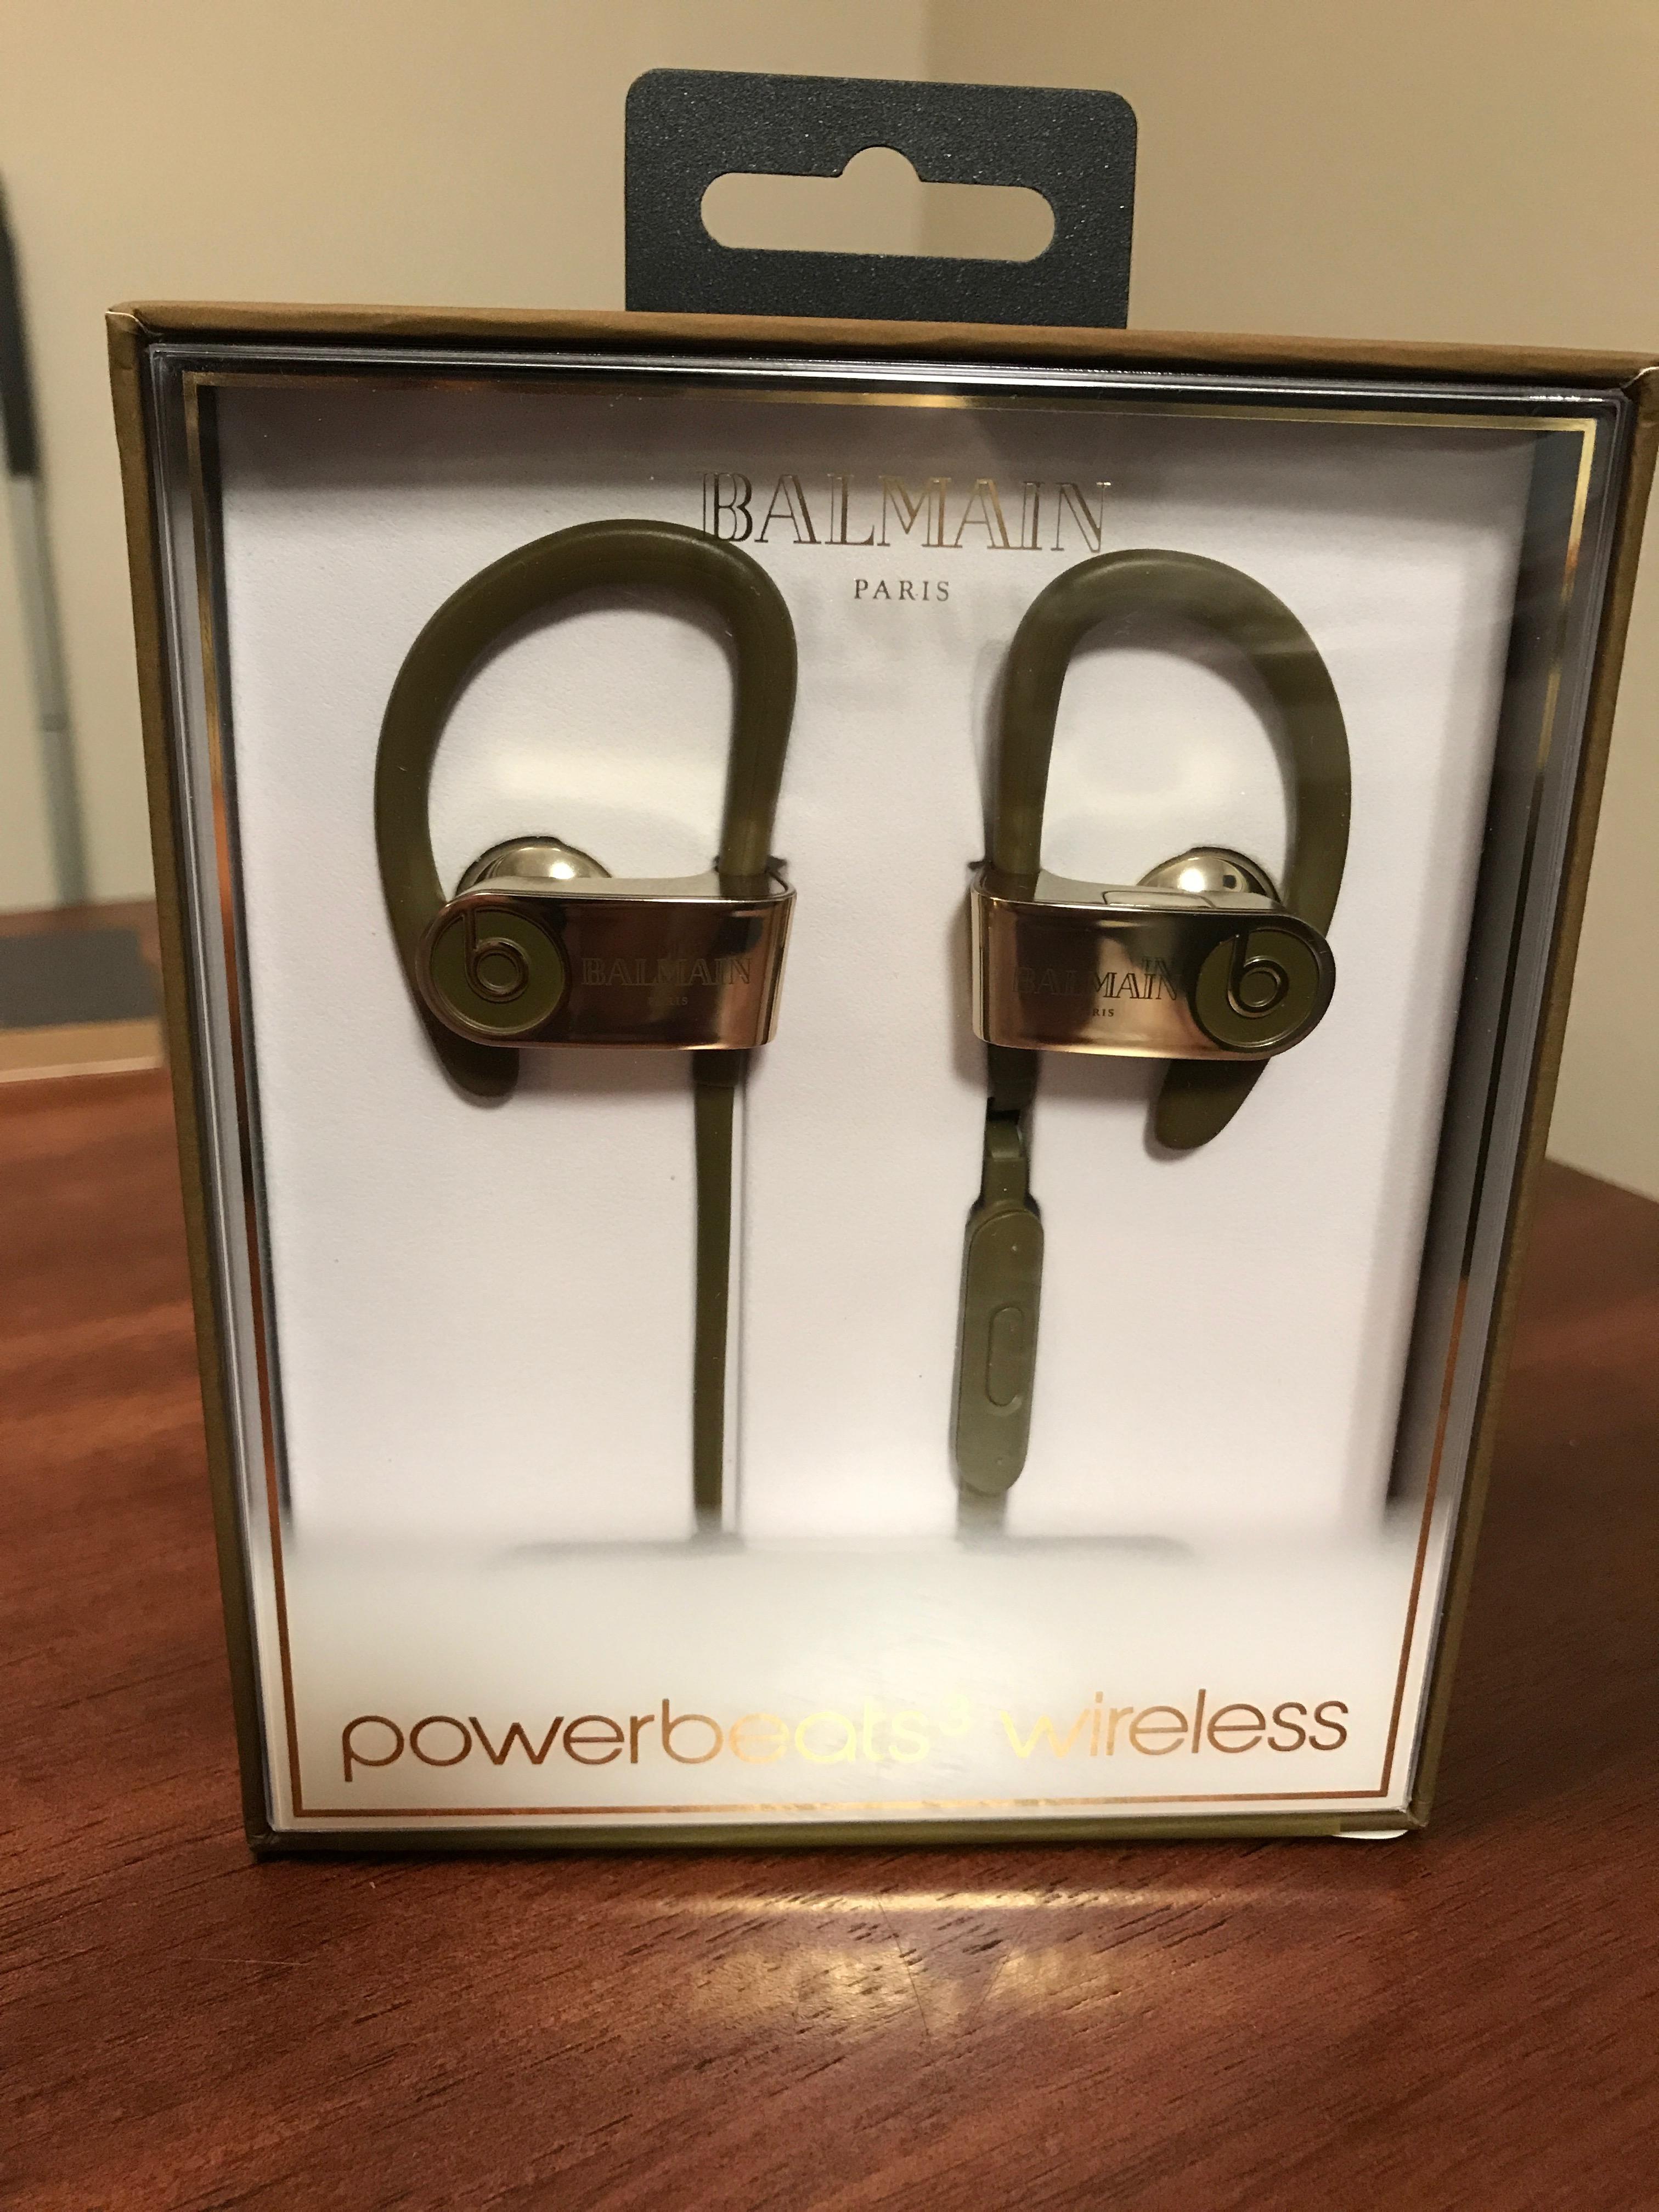 c5e8c59107c Balmain Last Drop Balmain X Beats Powerbeats 3 Wireless | Grailed